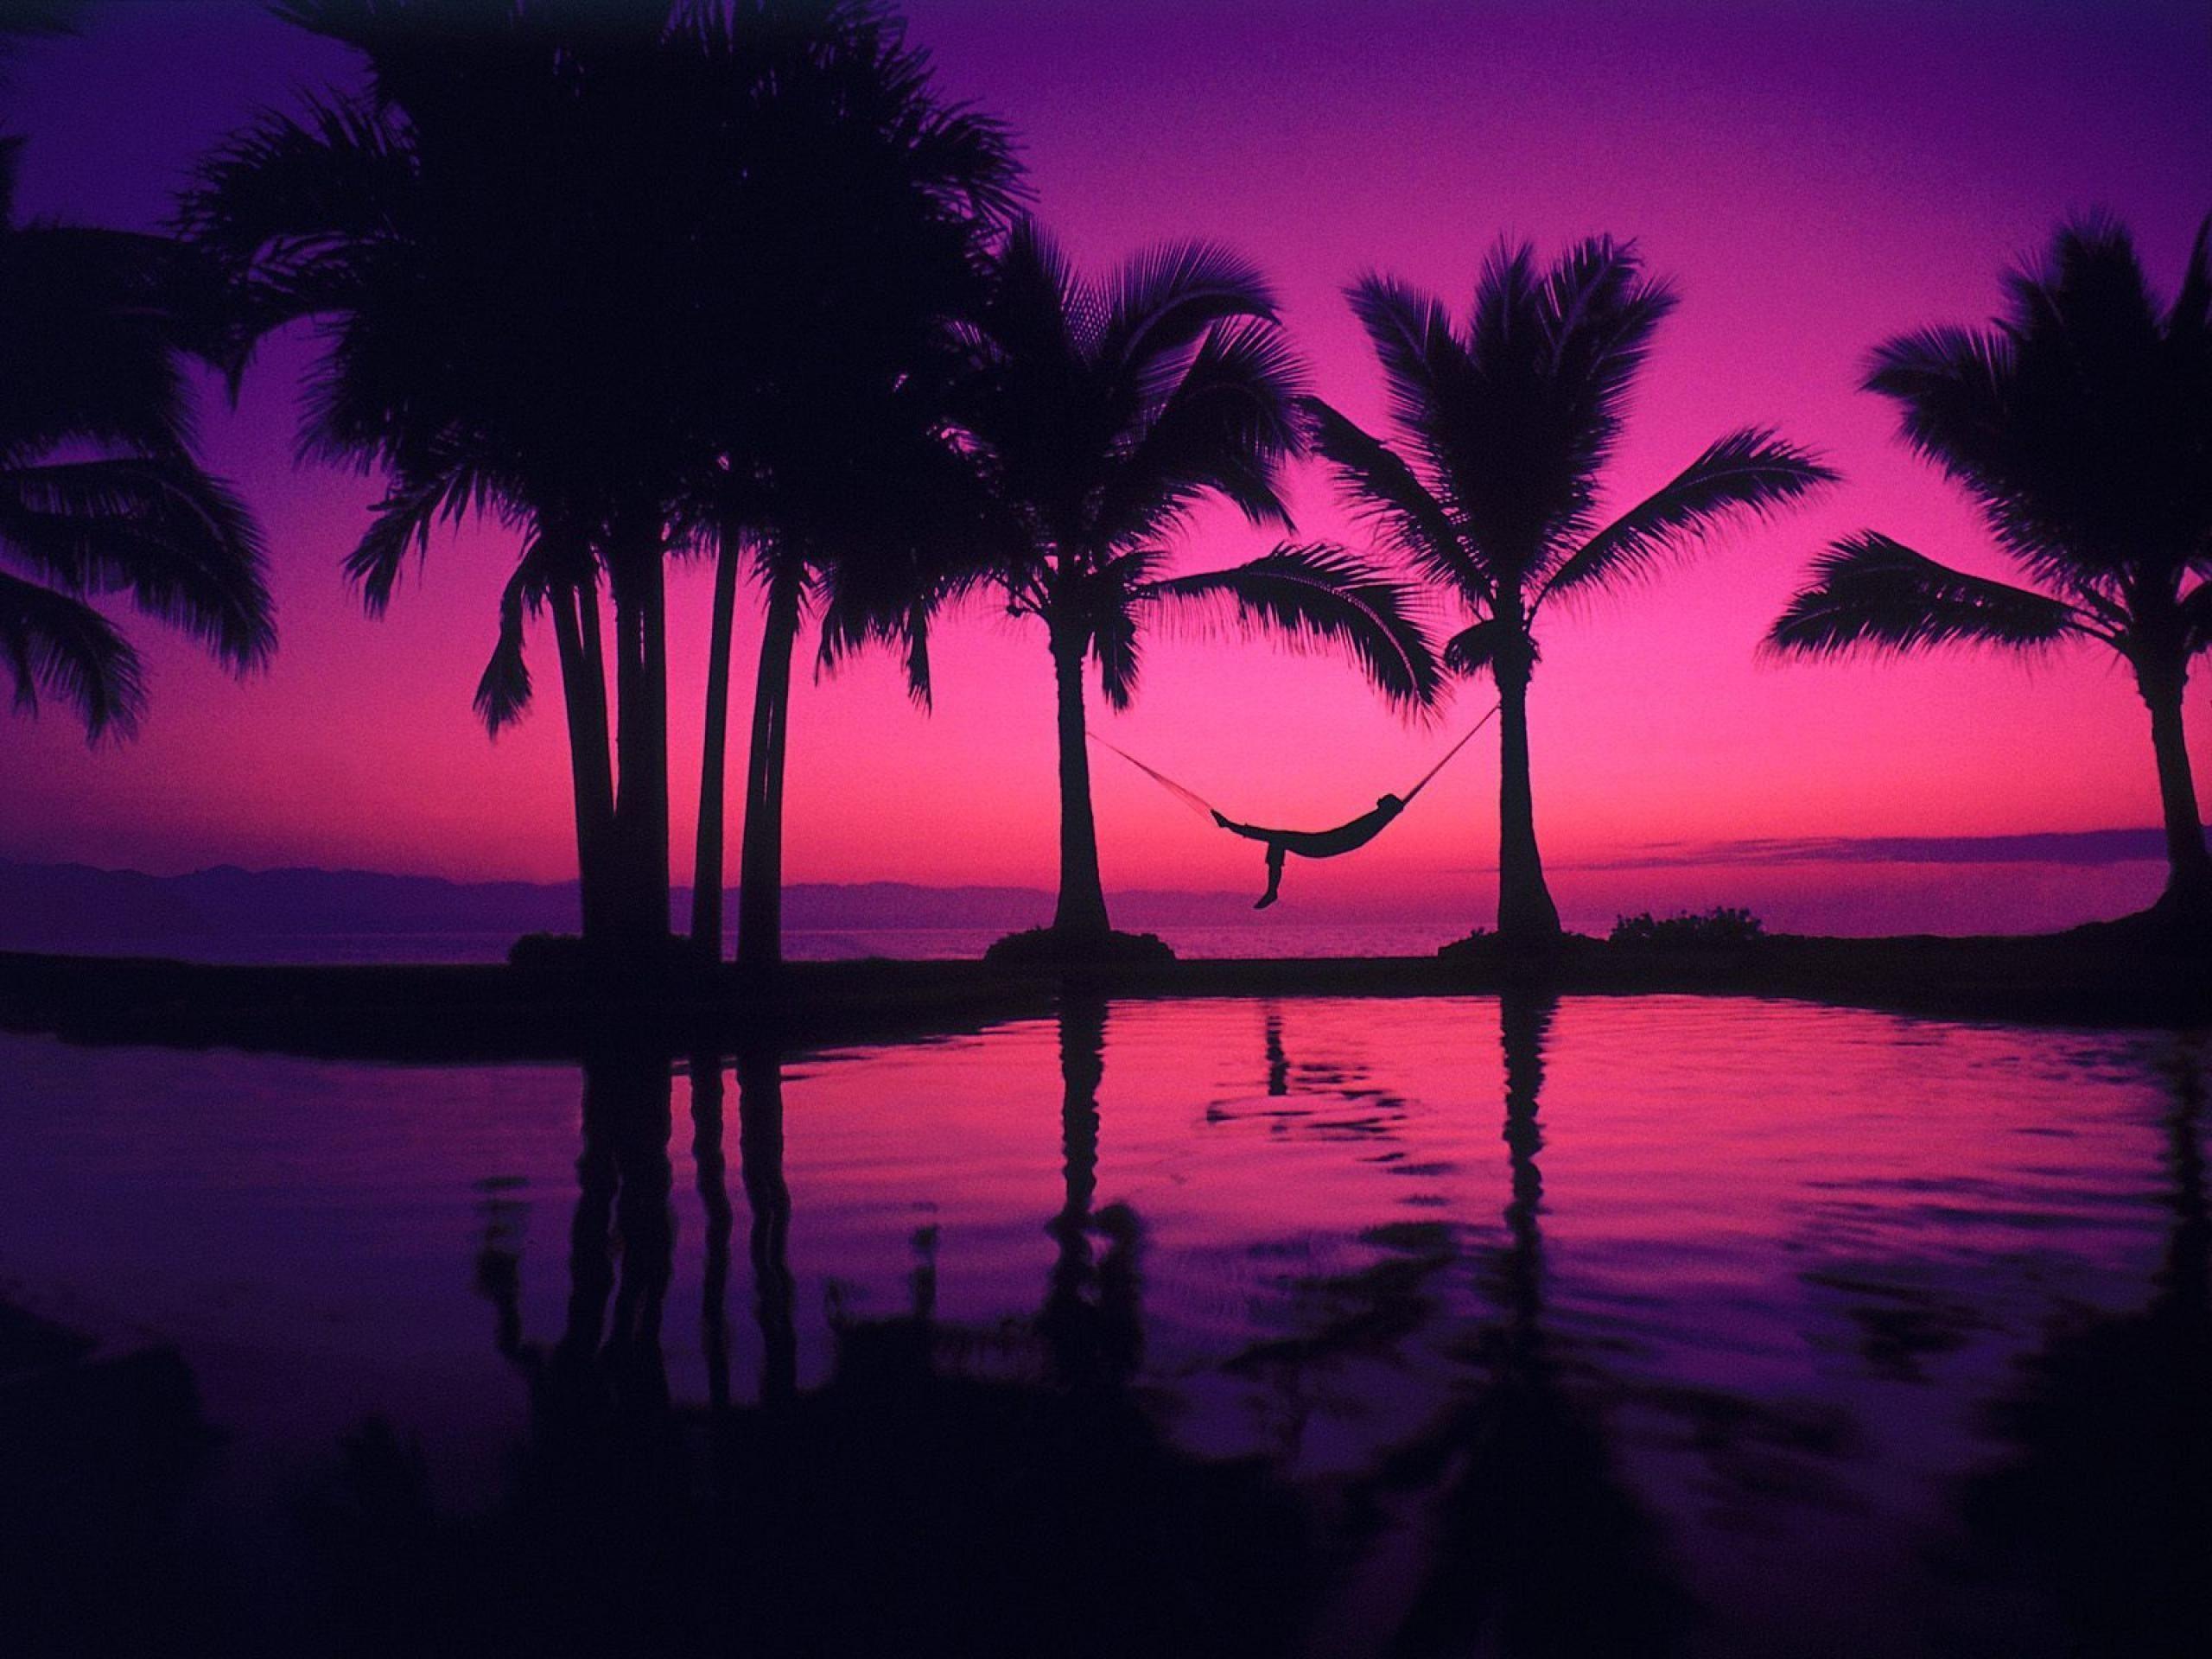 Pink Beach Sunset Wallpaper: Hawaii Sunset Wallpapers